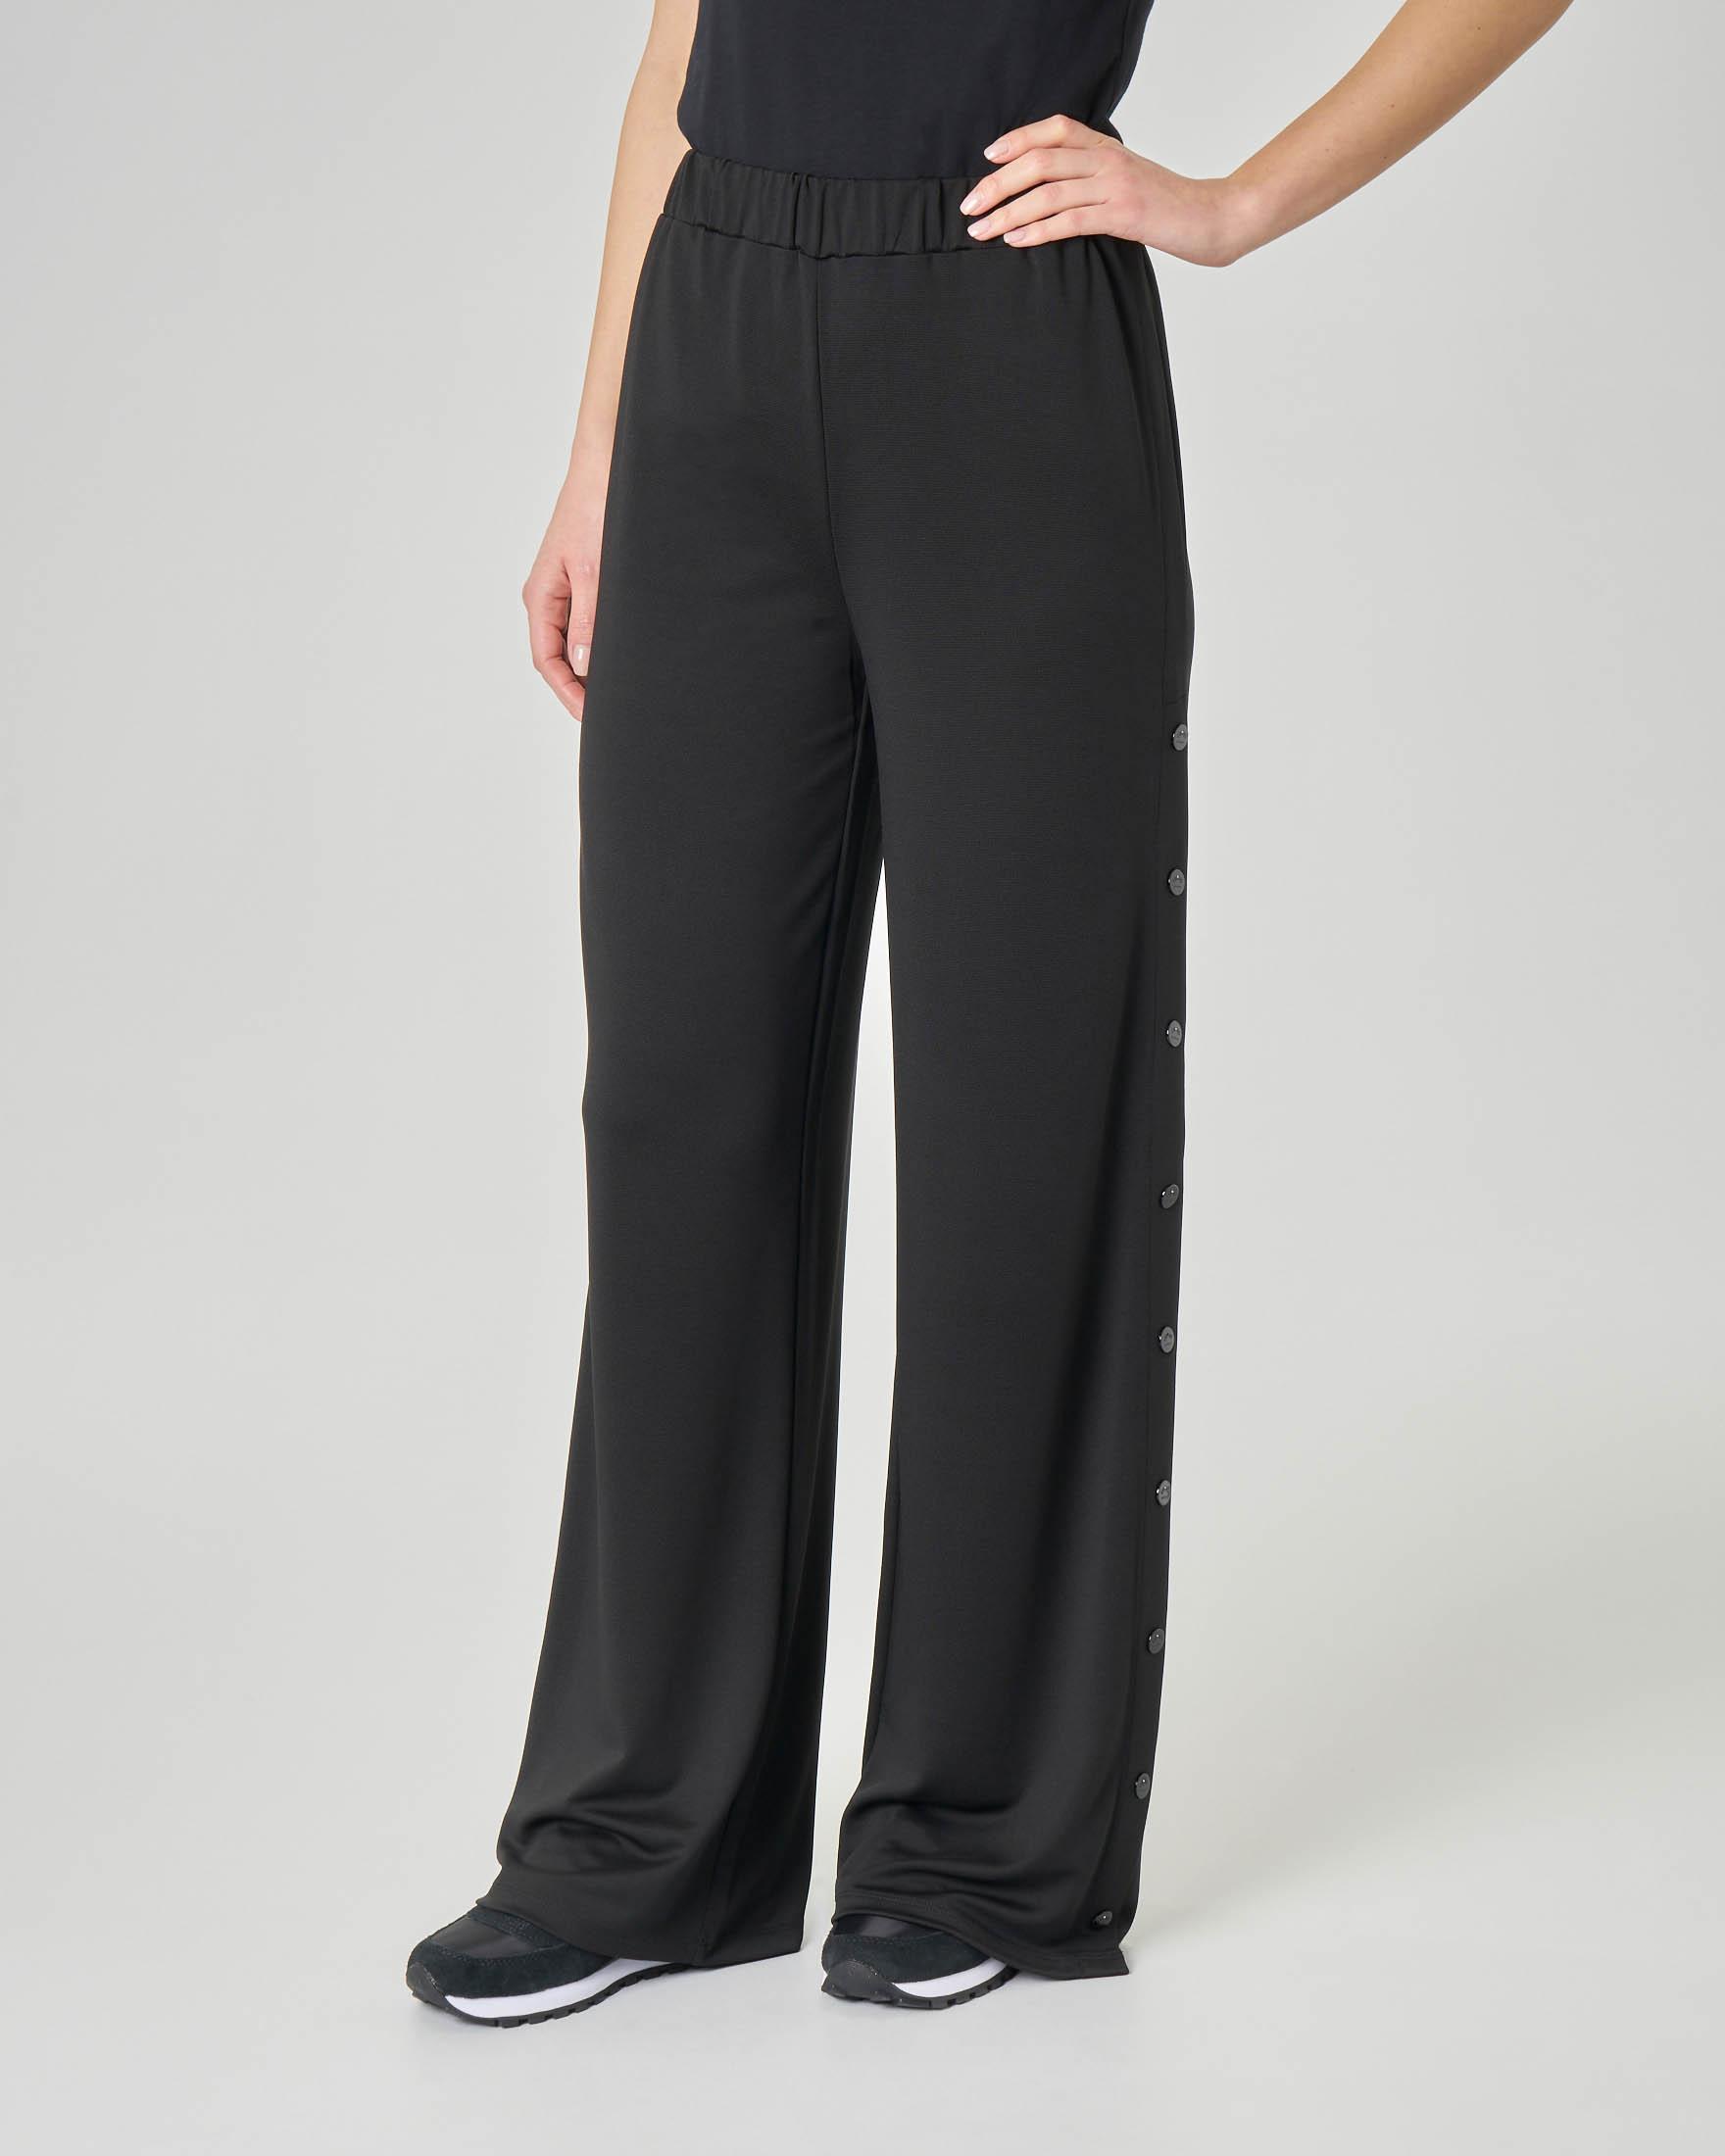 Pantaloni neri in viscosa elasticizzata con bottoni laterali